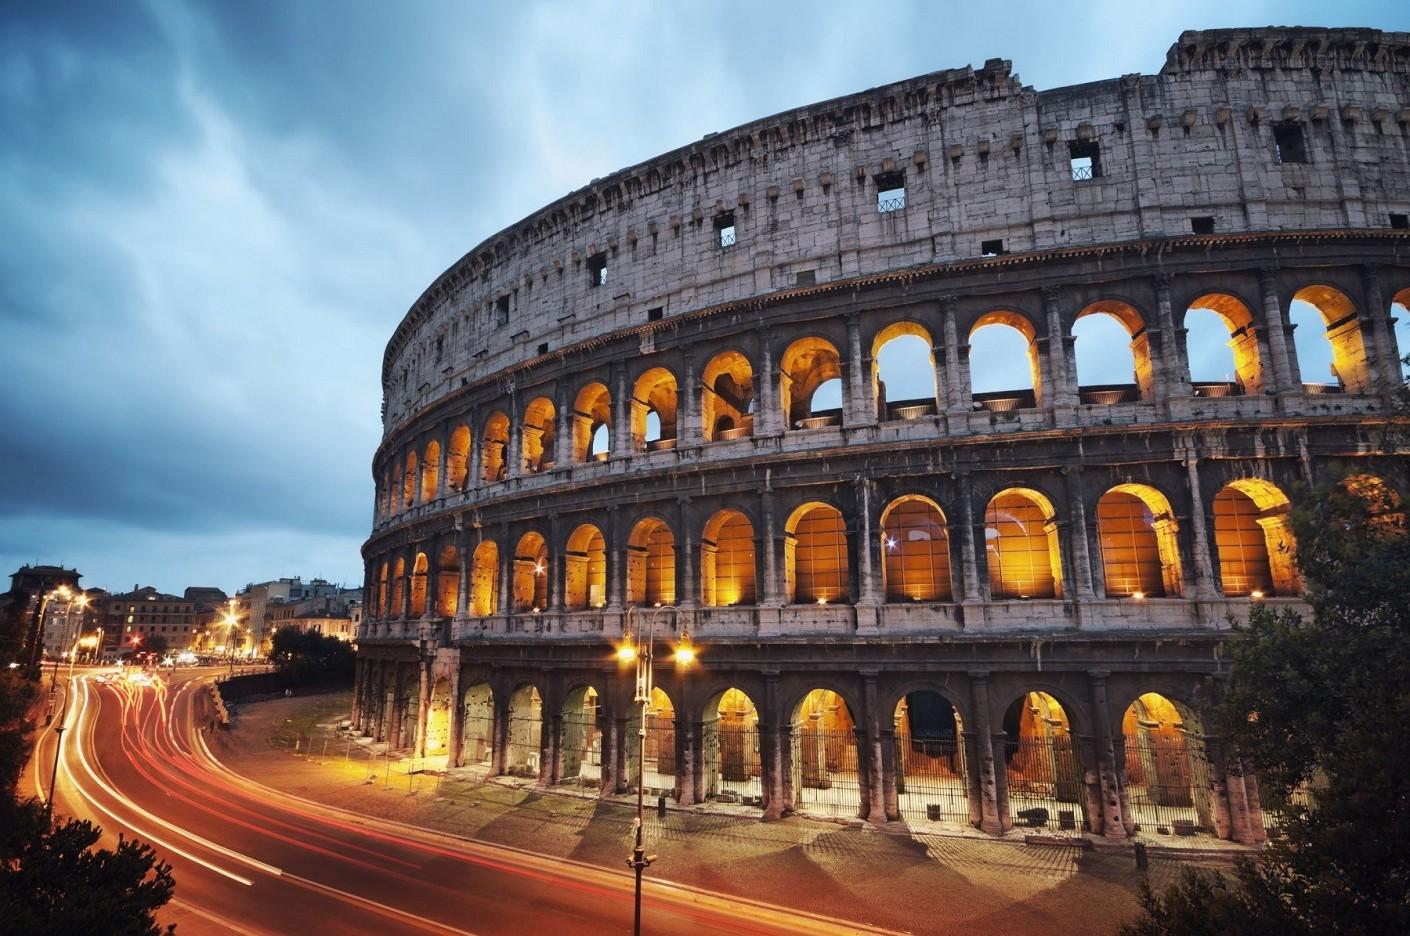 Ką verta žinoti prieš vykstant į Romą?